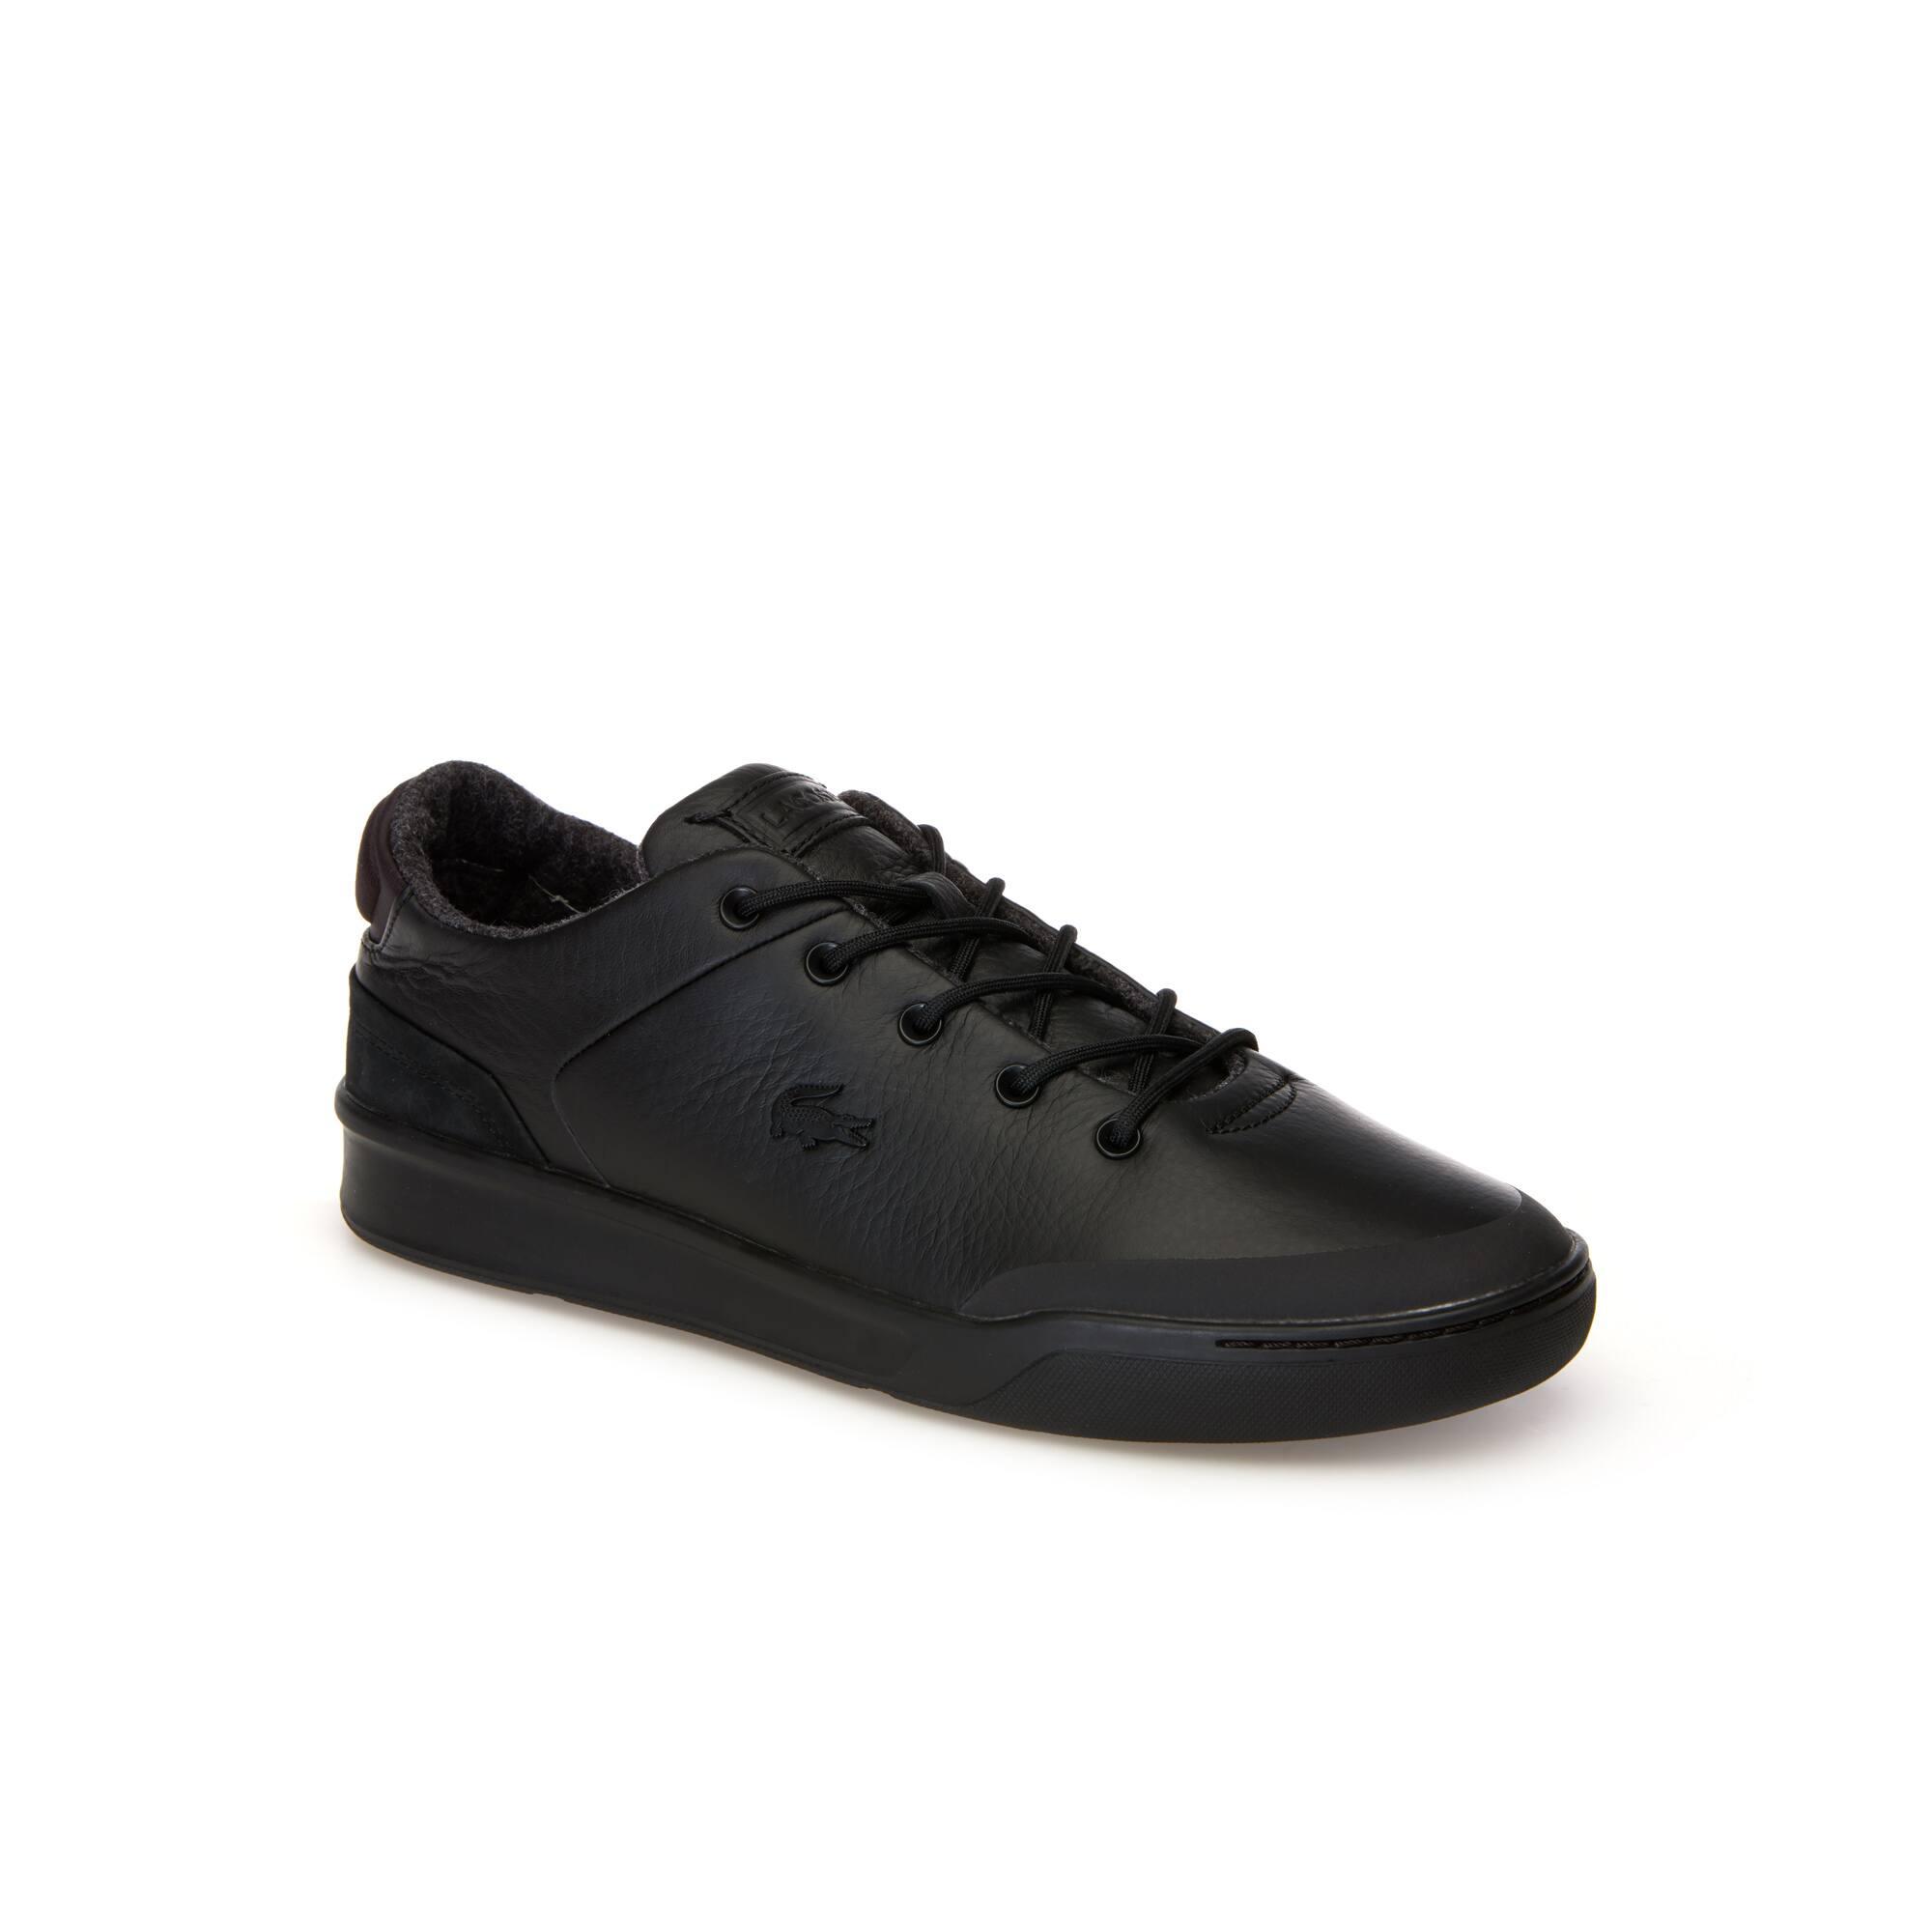 Herren-Sneakers EXPLORATEUR CLASSIC L aus Nubukleder